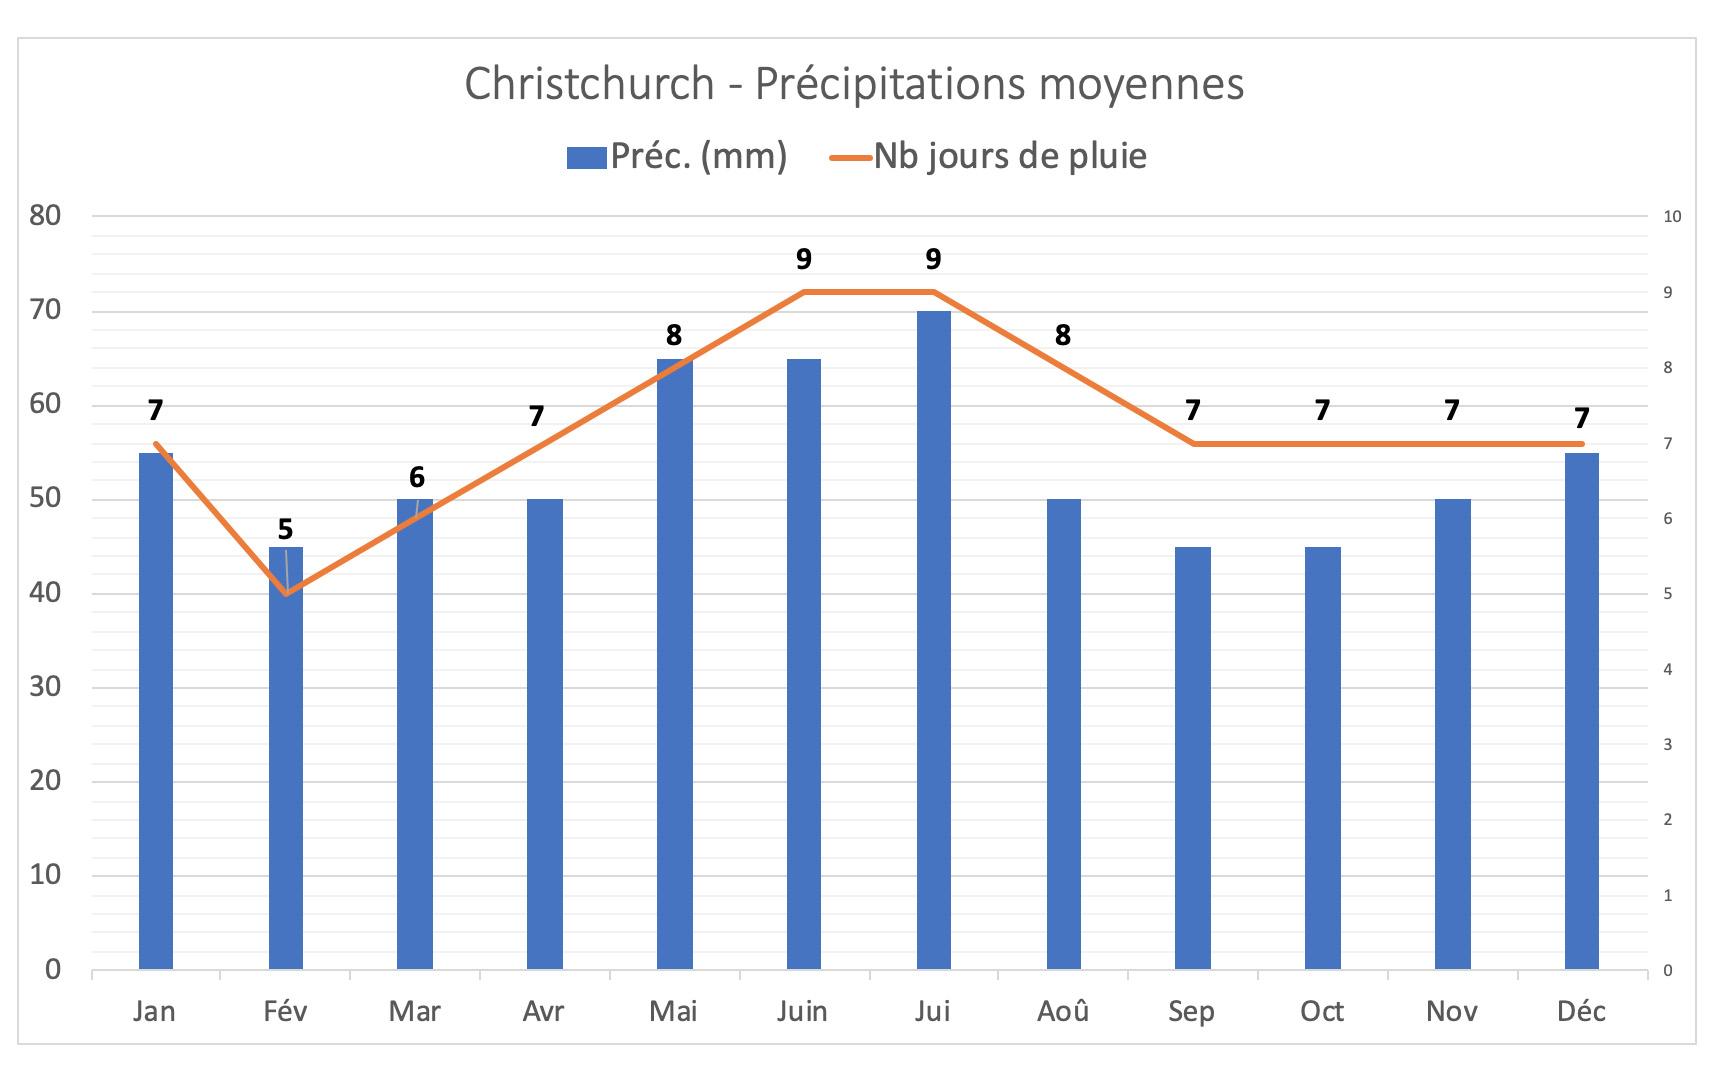 Nouvelle-Zélande - Précipitations moyennes à Christchurch